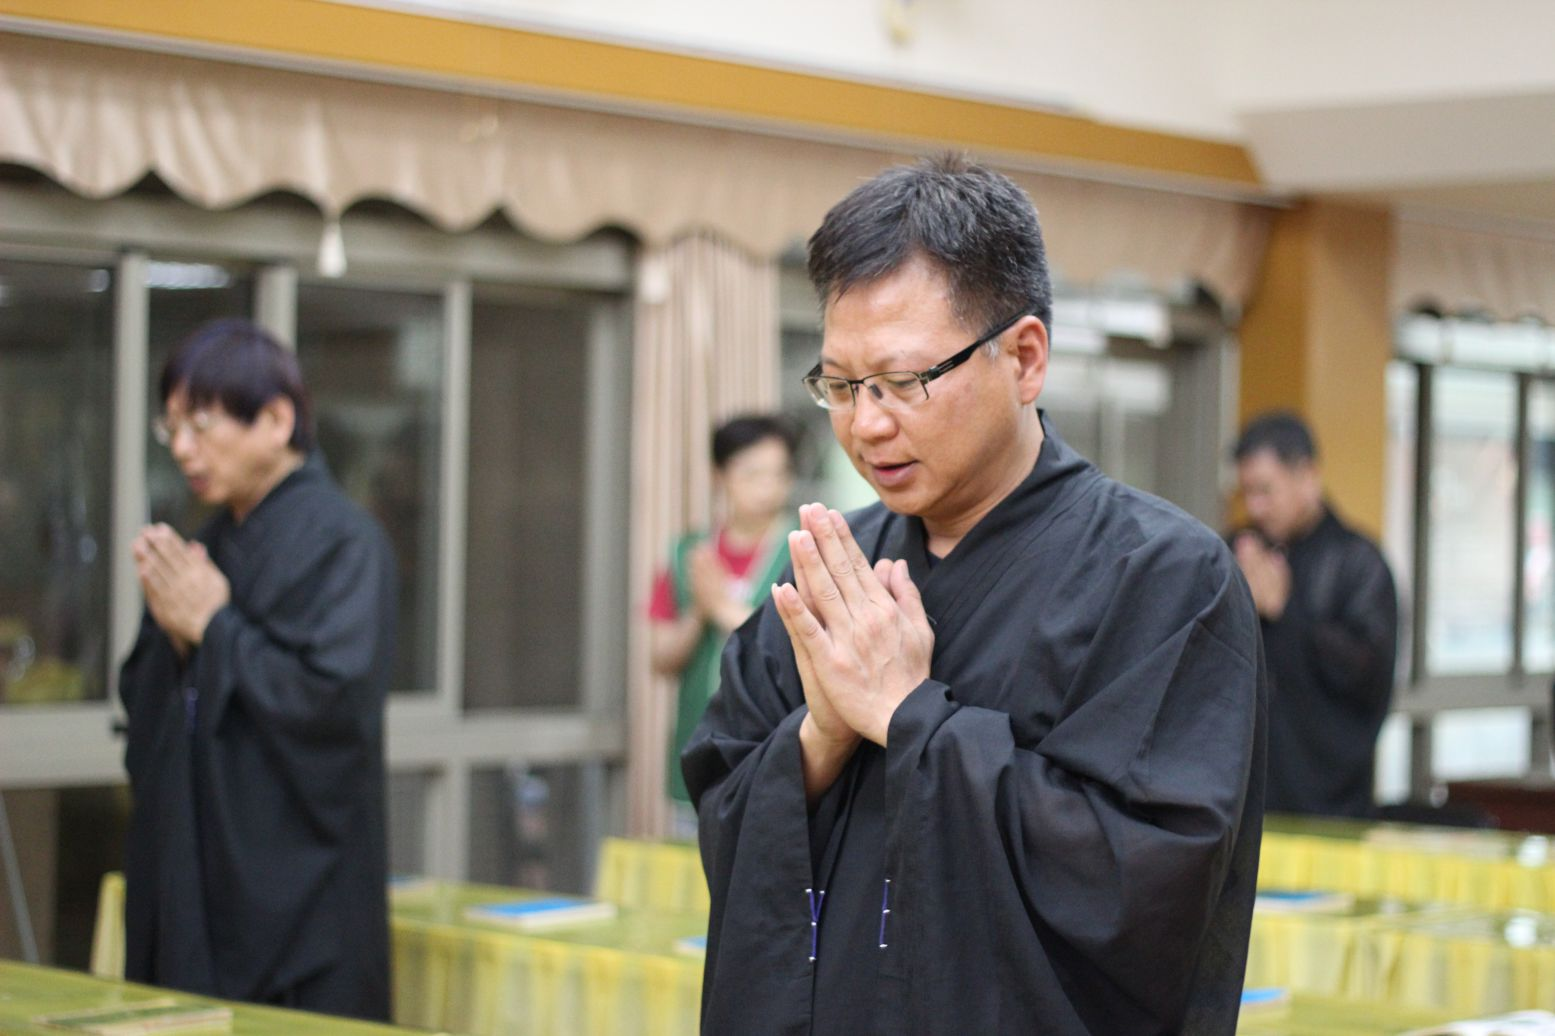 虔誠祈求、聽聞隨轉、淨化煩惱